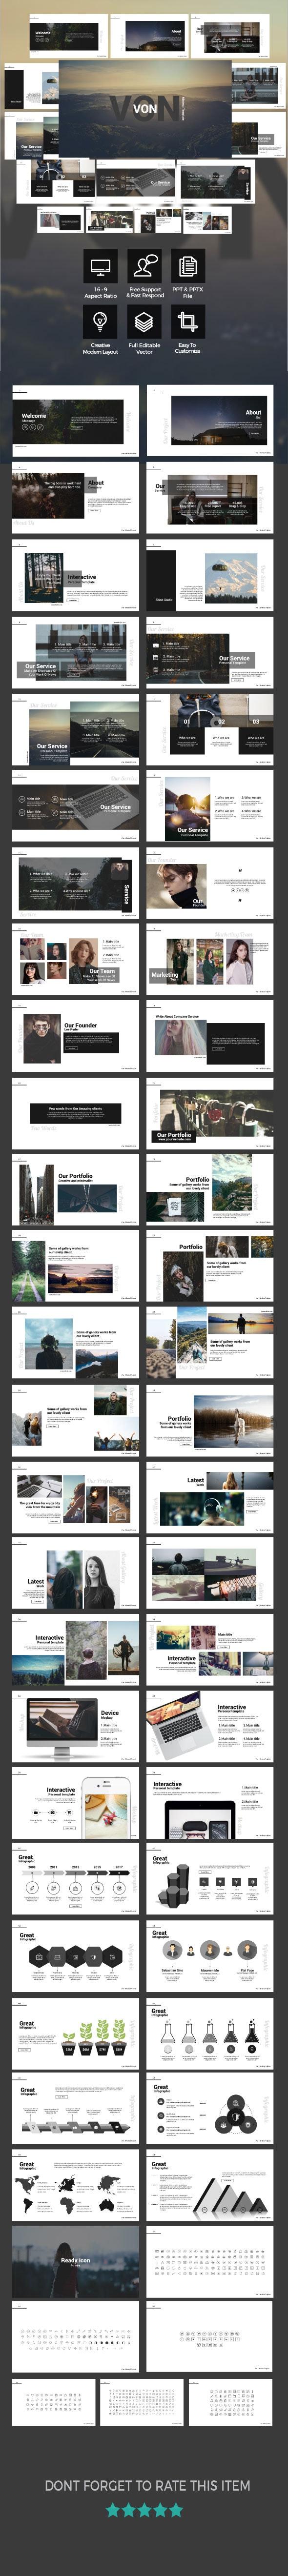 VON - Presentation Template - Business PowerPoint Templates